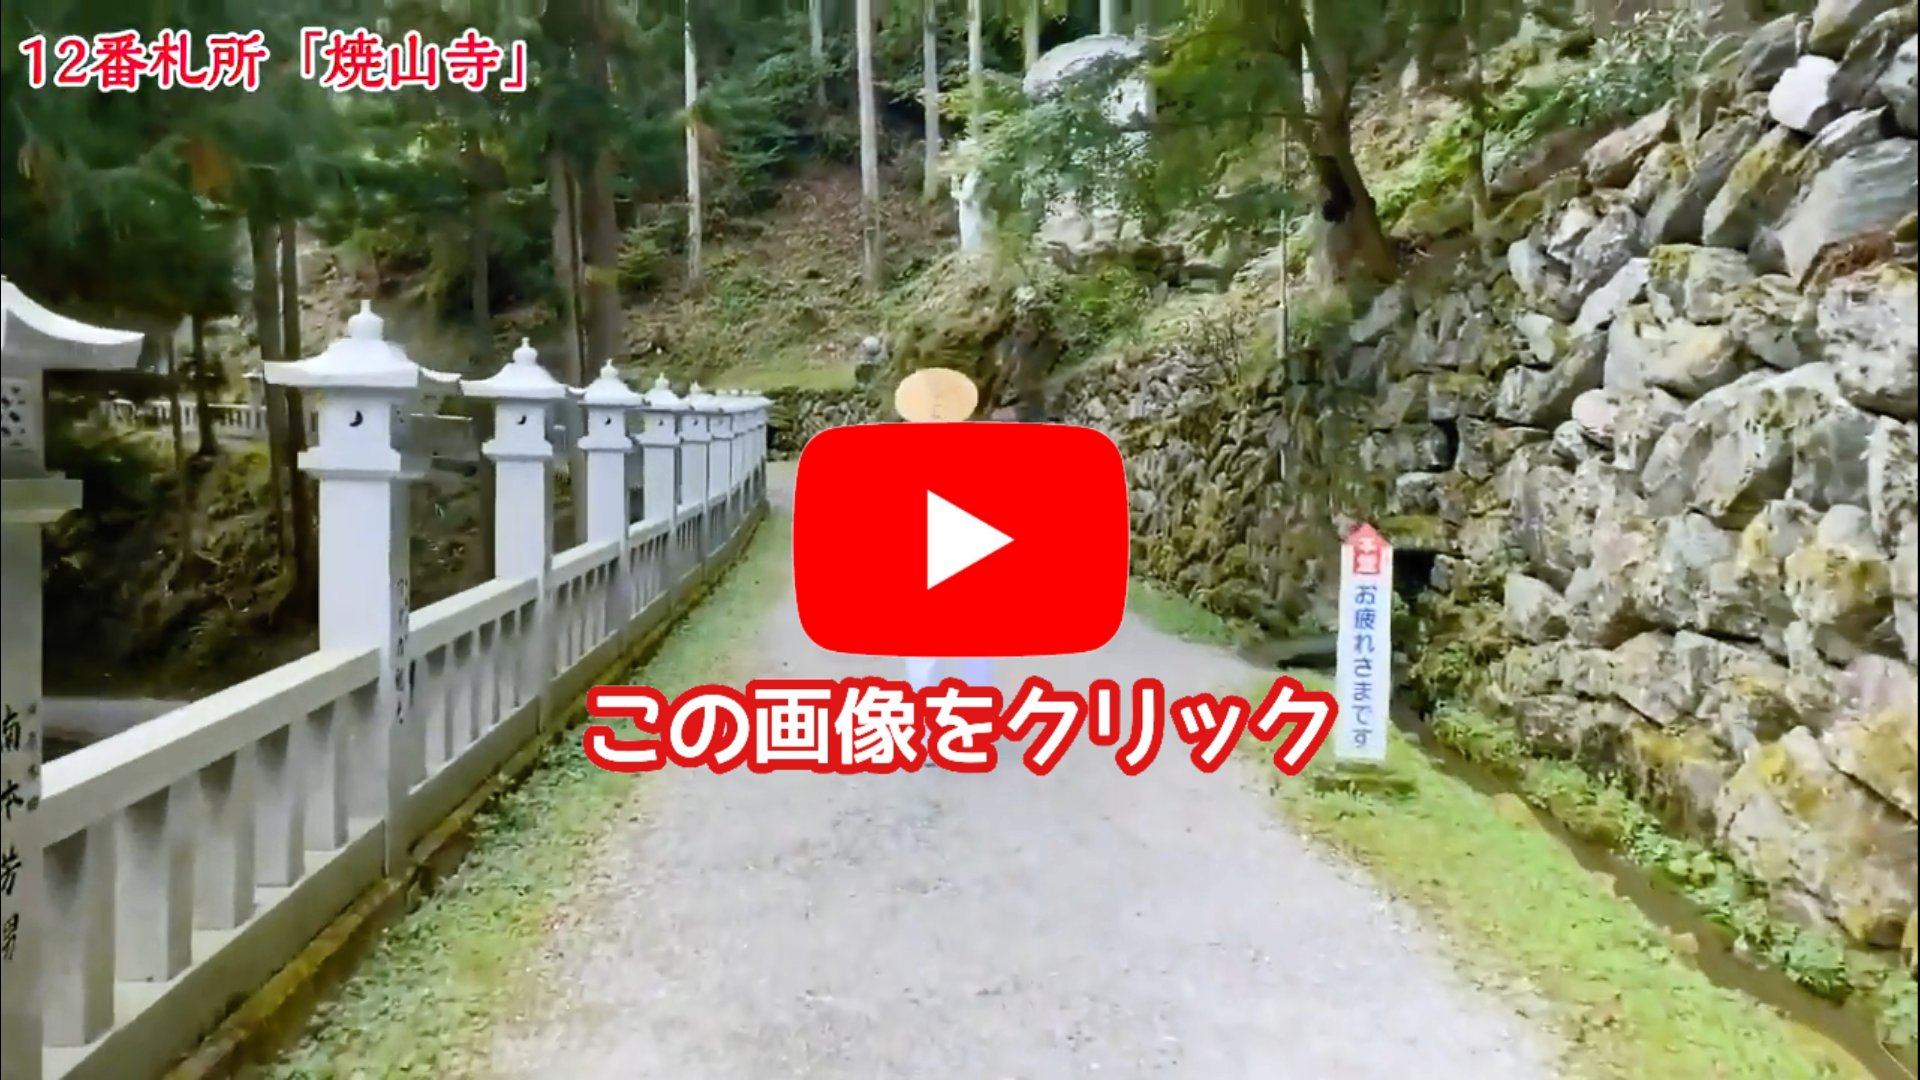 【焼山寺】四国霊場第十二番札所